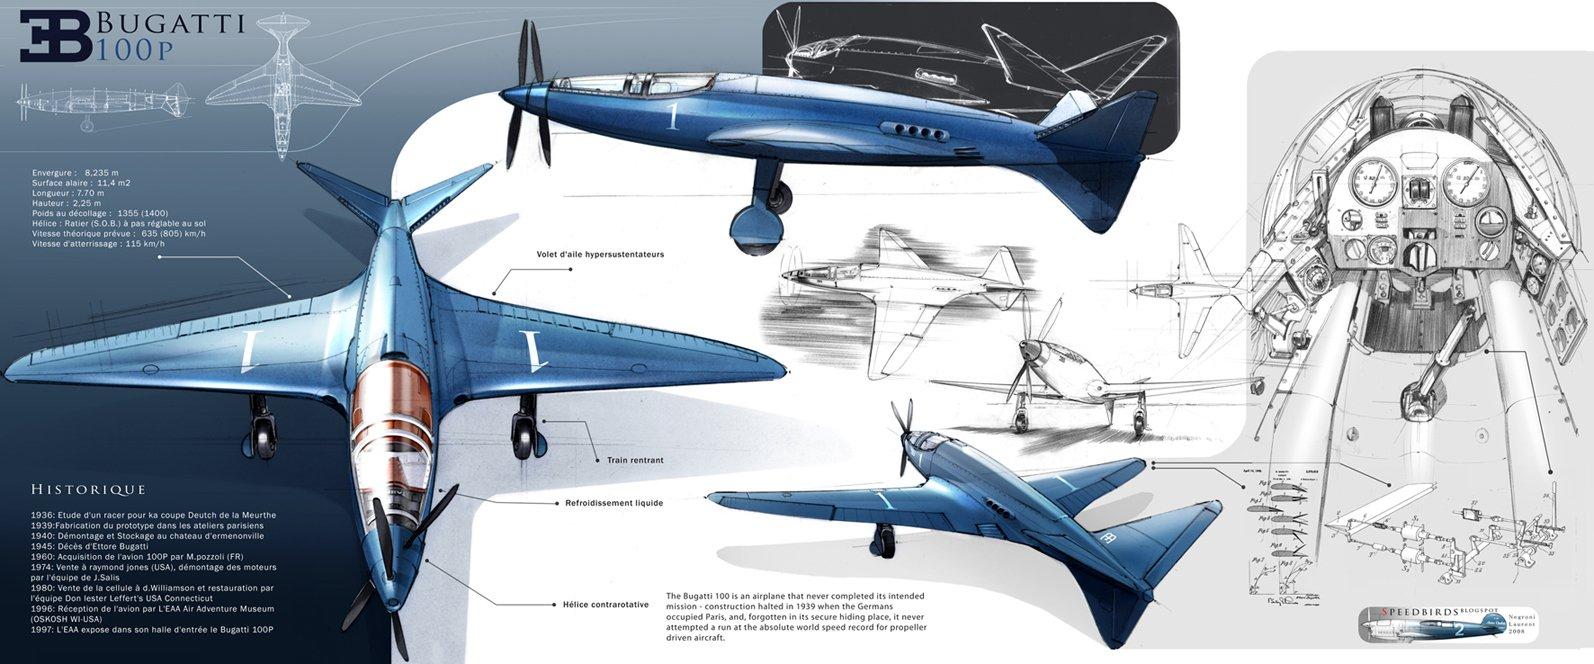 Bugatti 100P Plane  The Bugatti 100P